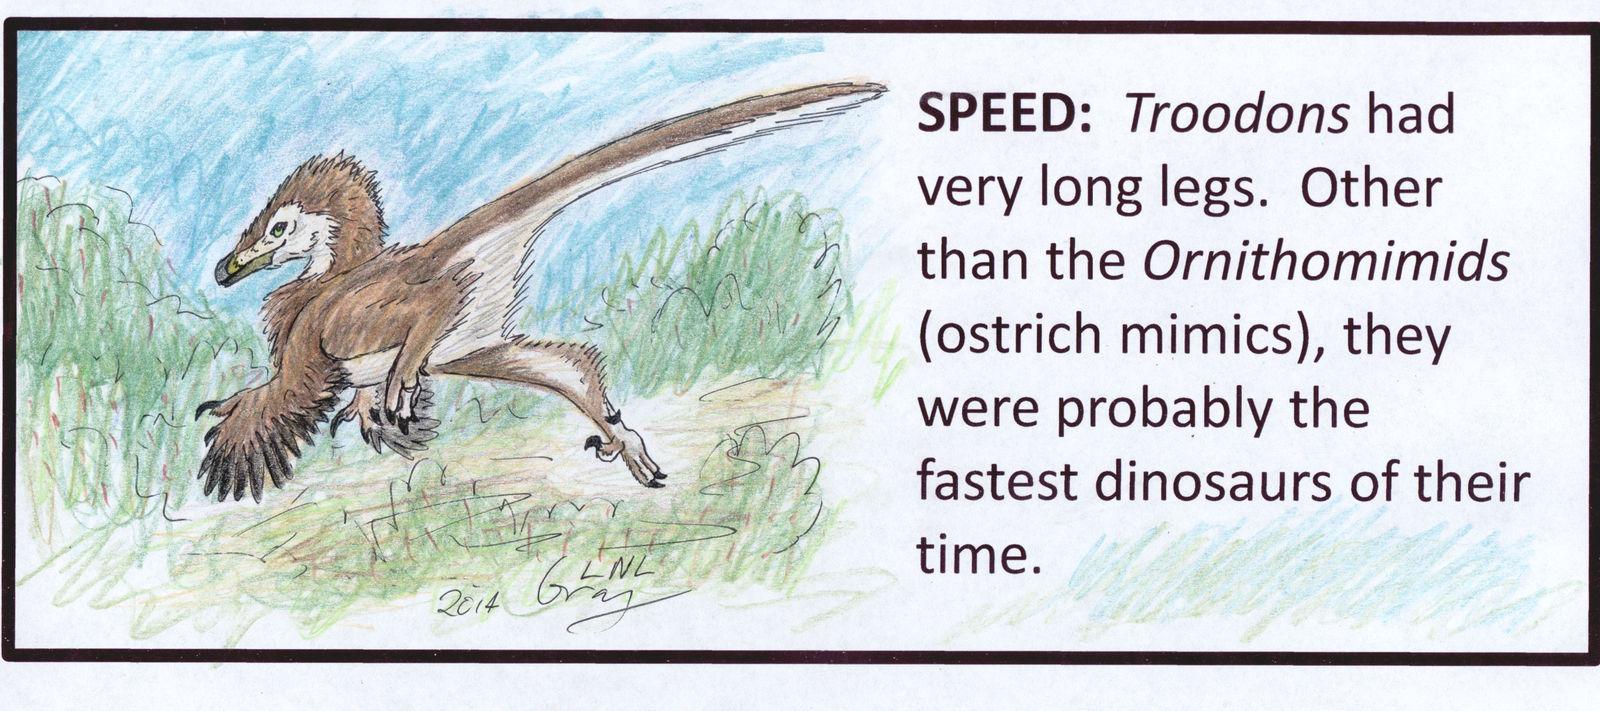 TROODON Project - Speed